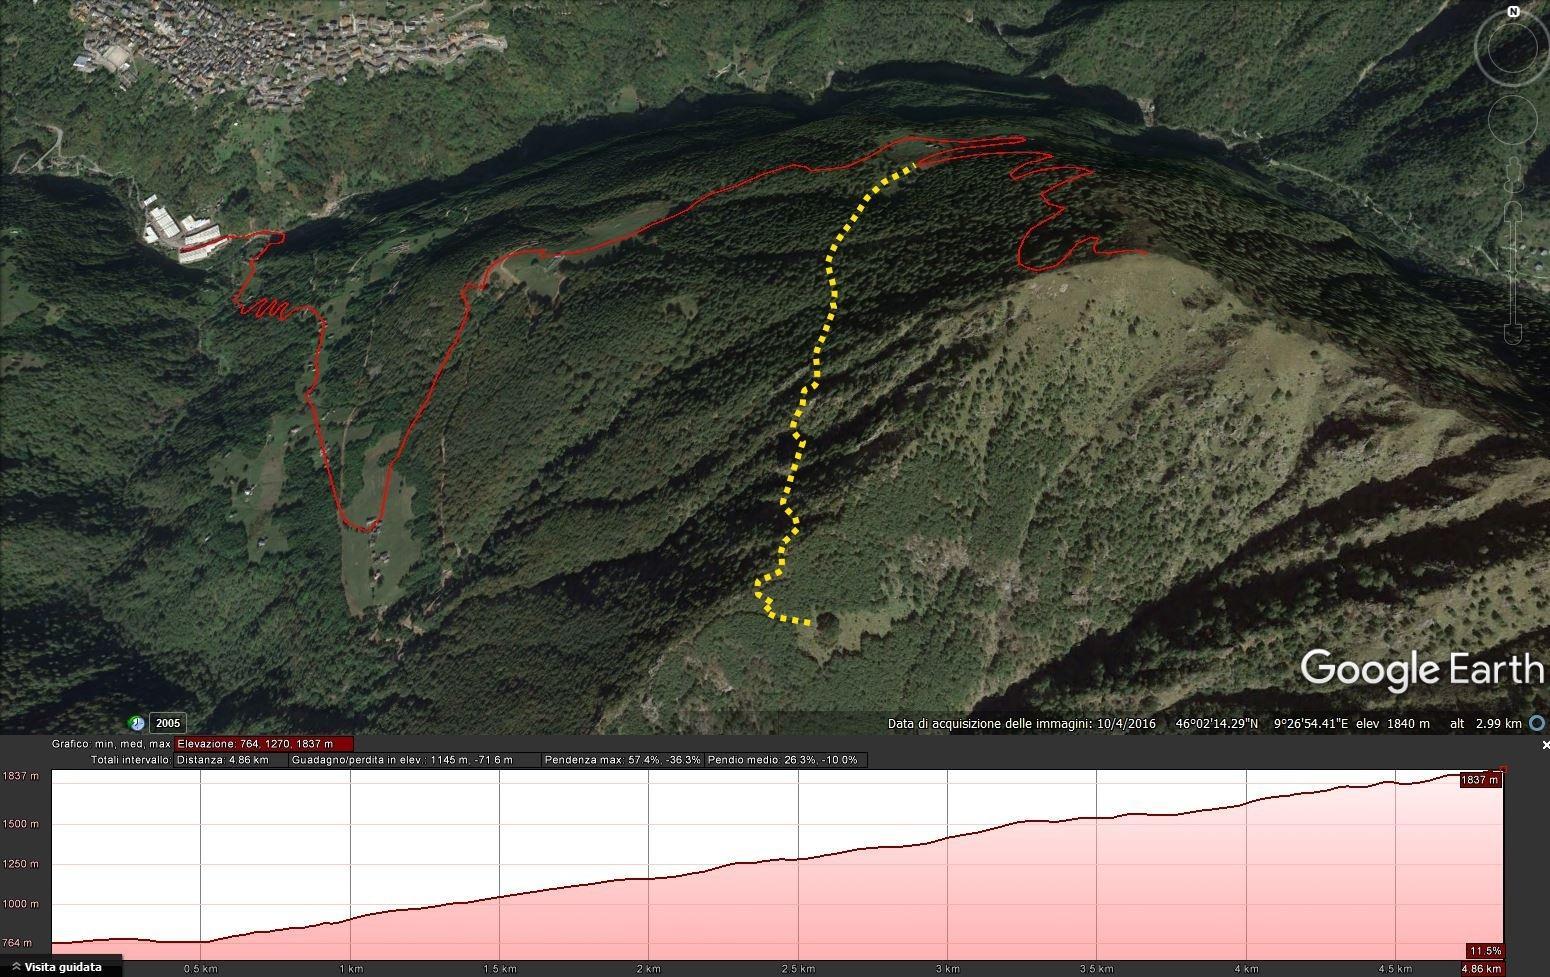 mappa: in rosso la salita per il Pizzo d'Alben, in giallo la deviazione che è possibile prendere dall'Alpe Chiarino per arrivare al Faggio del Piancone